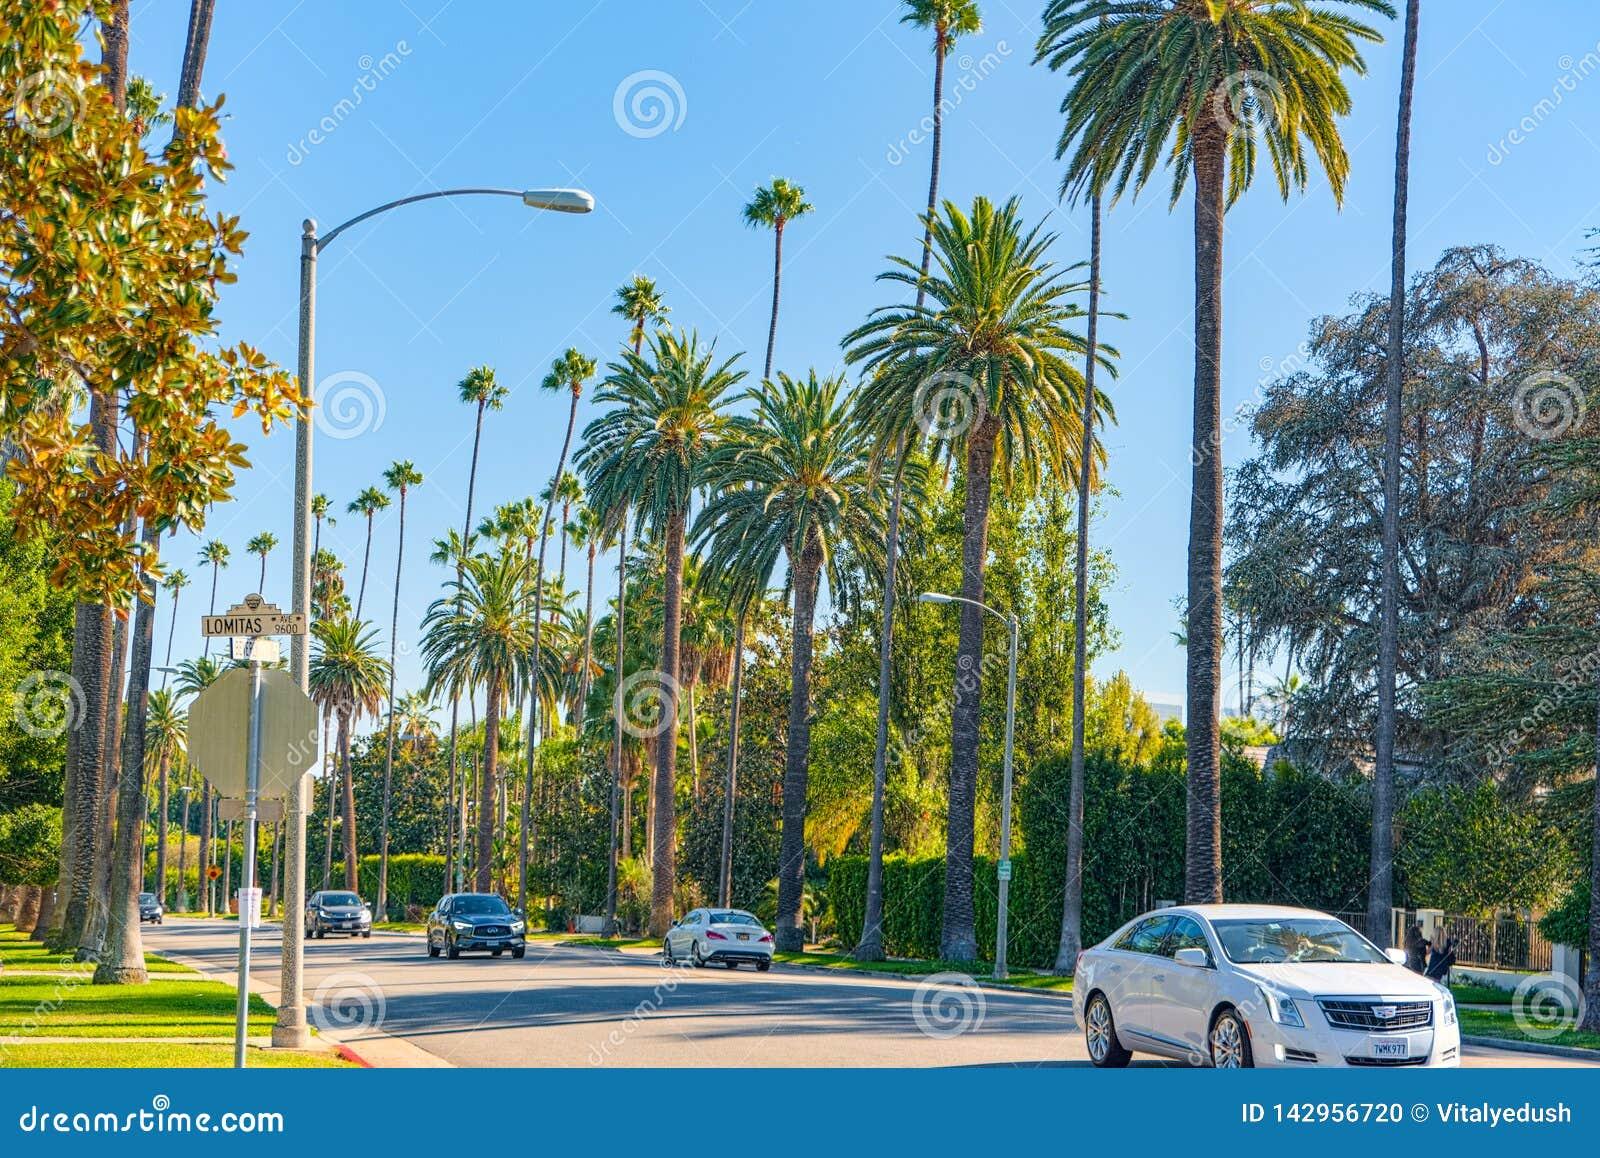 Vistas urbanas del área de Beverly Hills y de los edificios residenciales en el Hollywood Hills